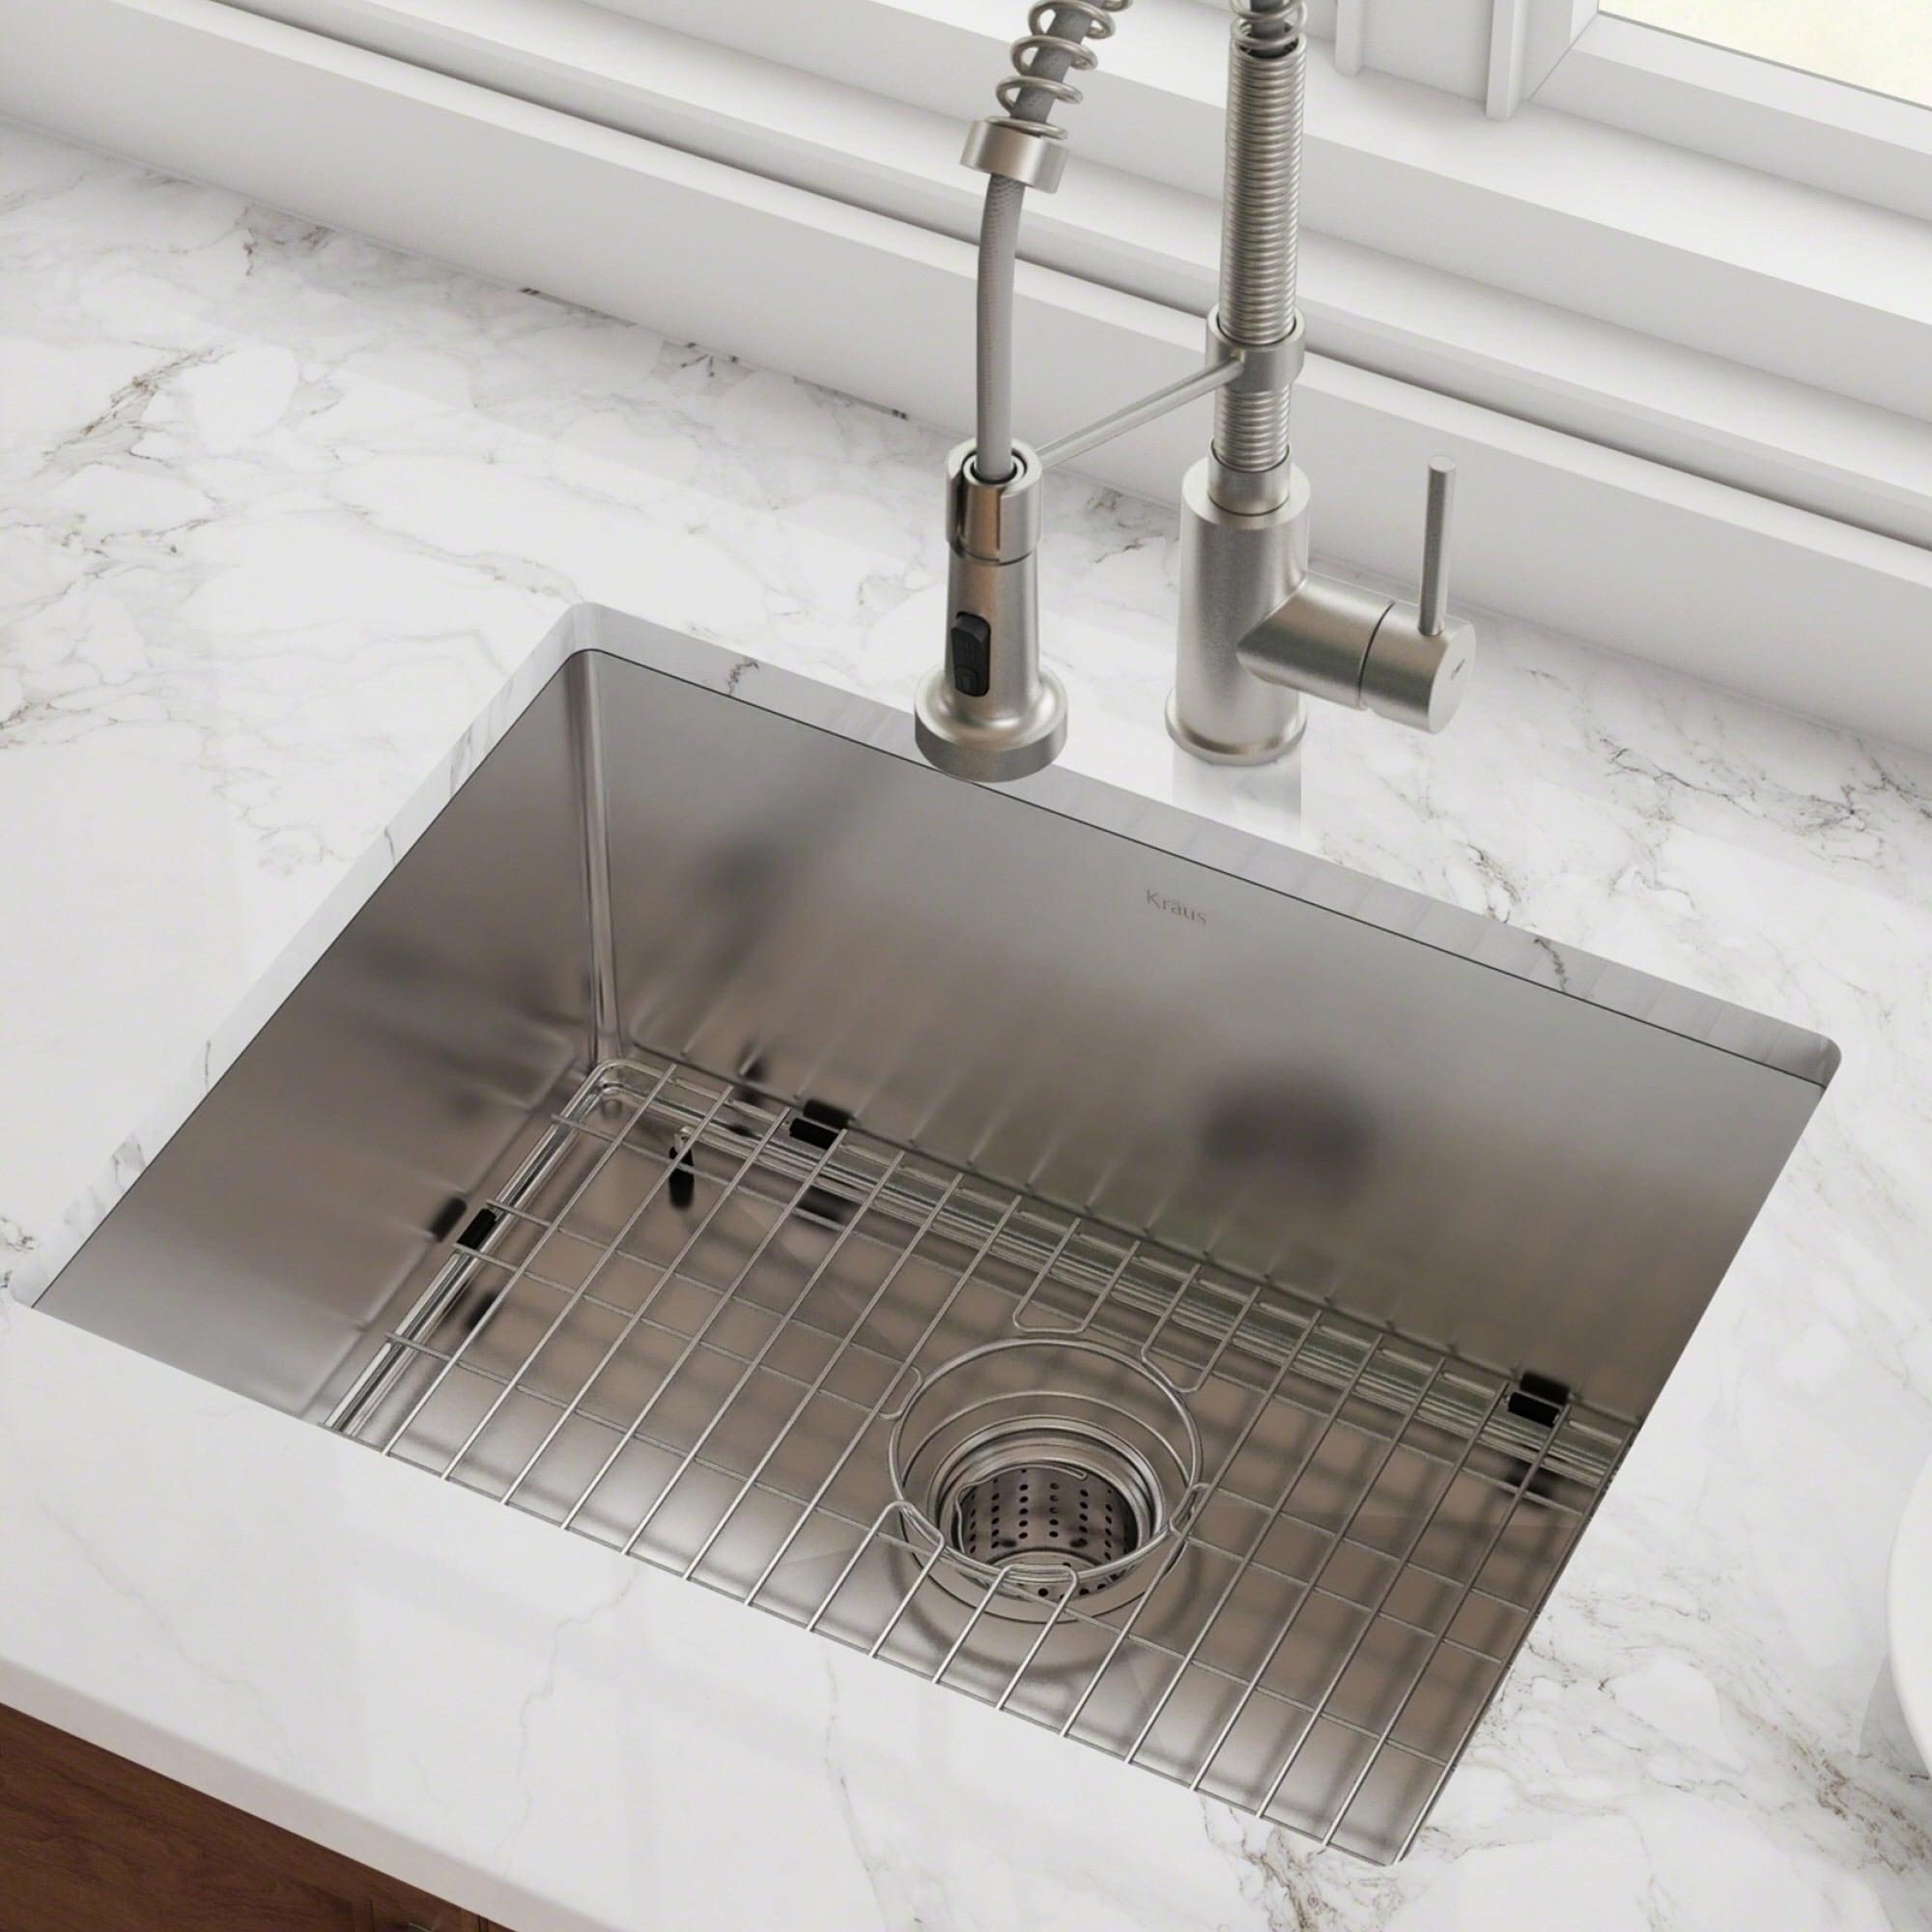 Kraus KHU101-23 Undermount 23 inch 1-Bowl Stainless Steel Kitchen Sink